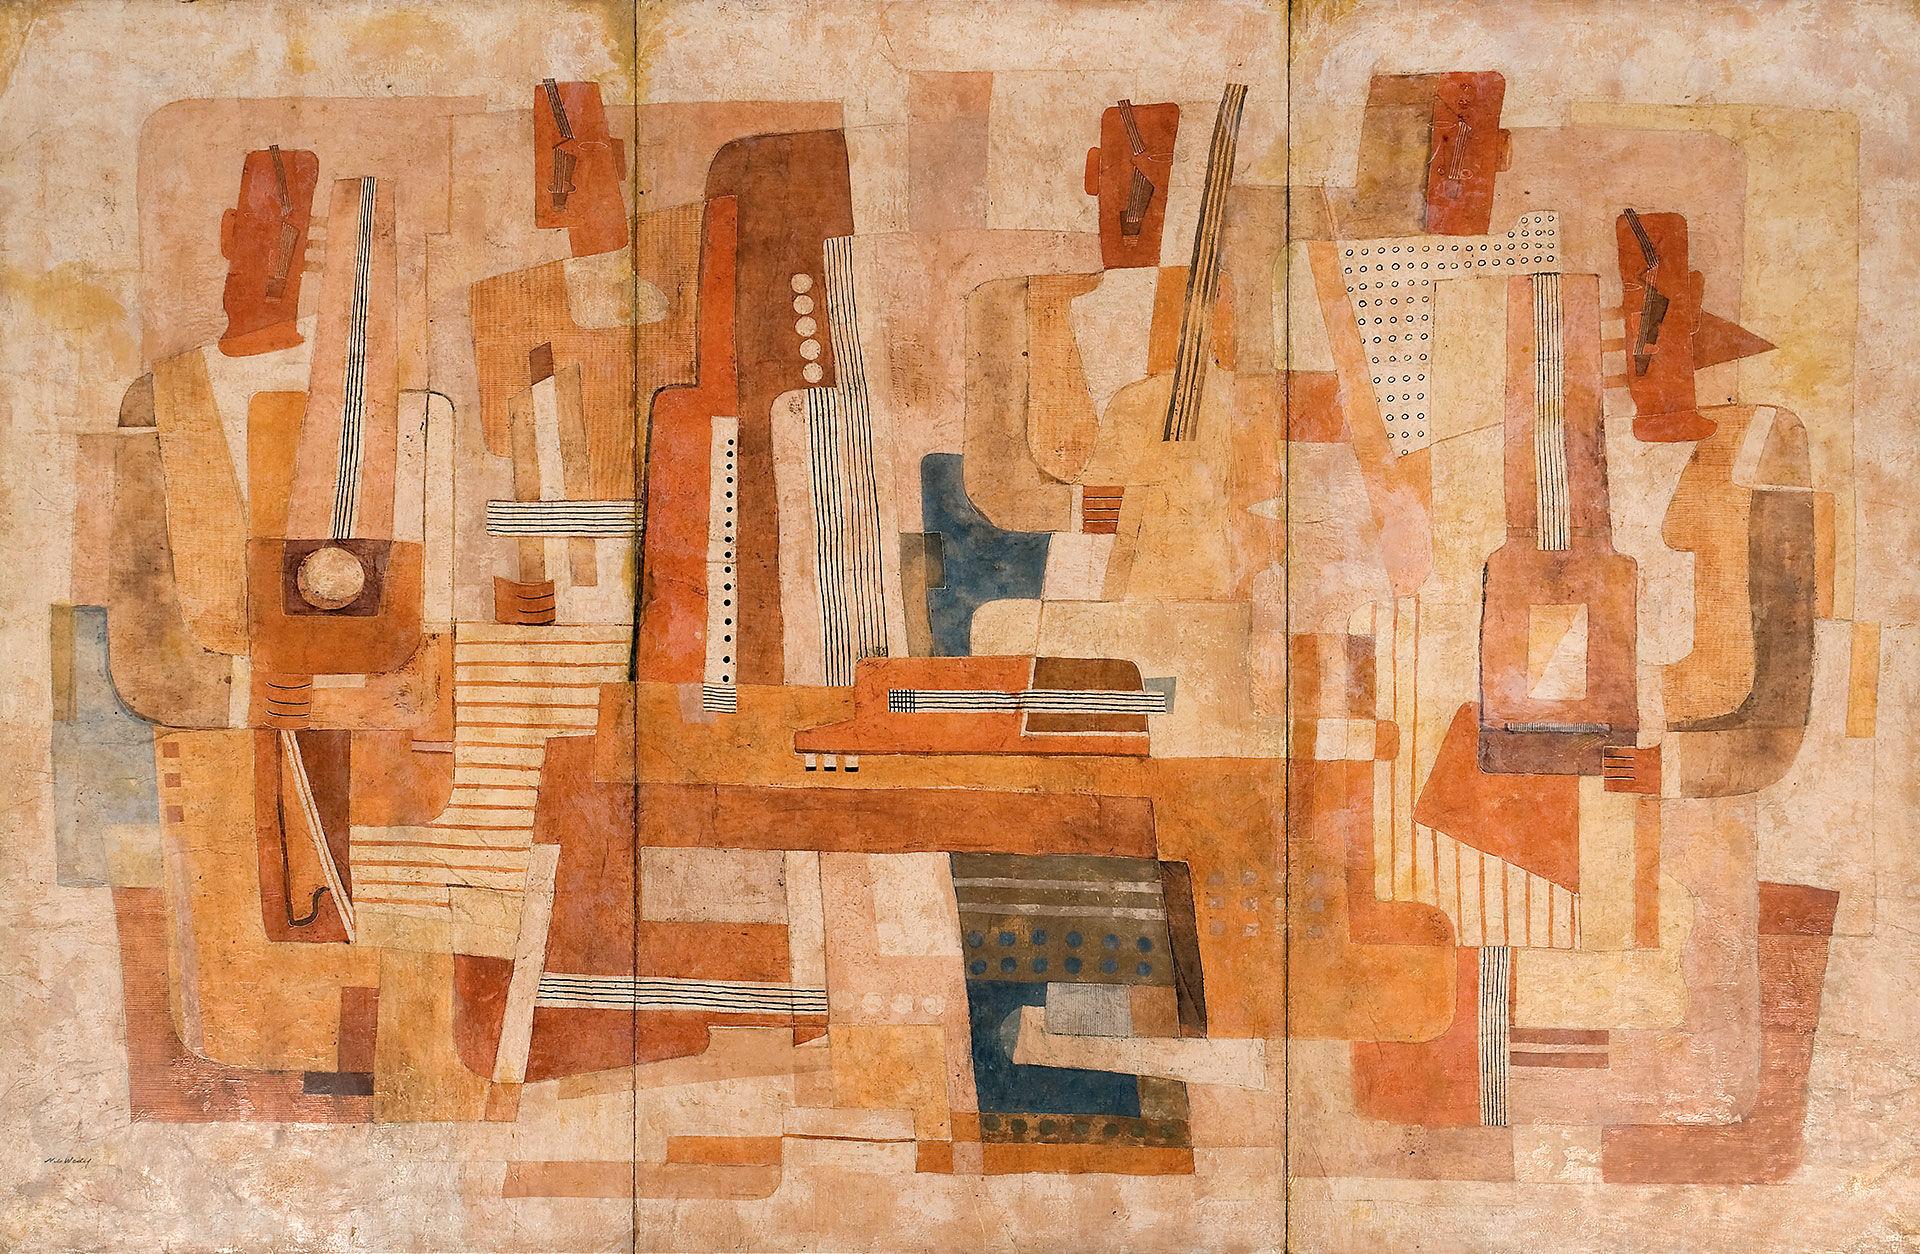 Konst-i-konserthuset-Wedels-Musikanterna-bild-i-text